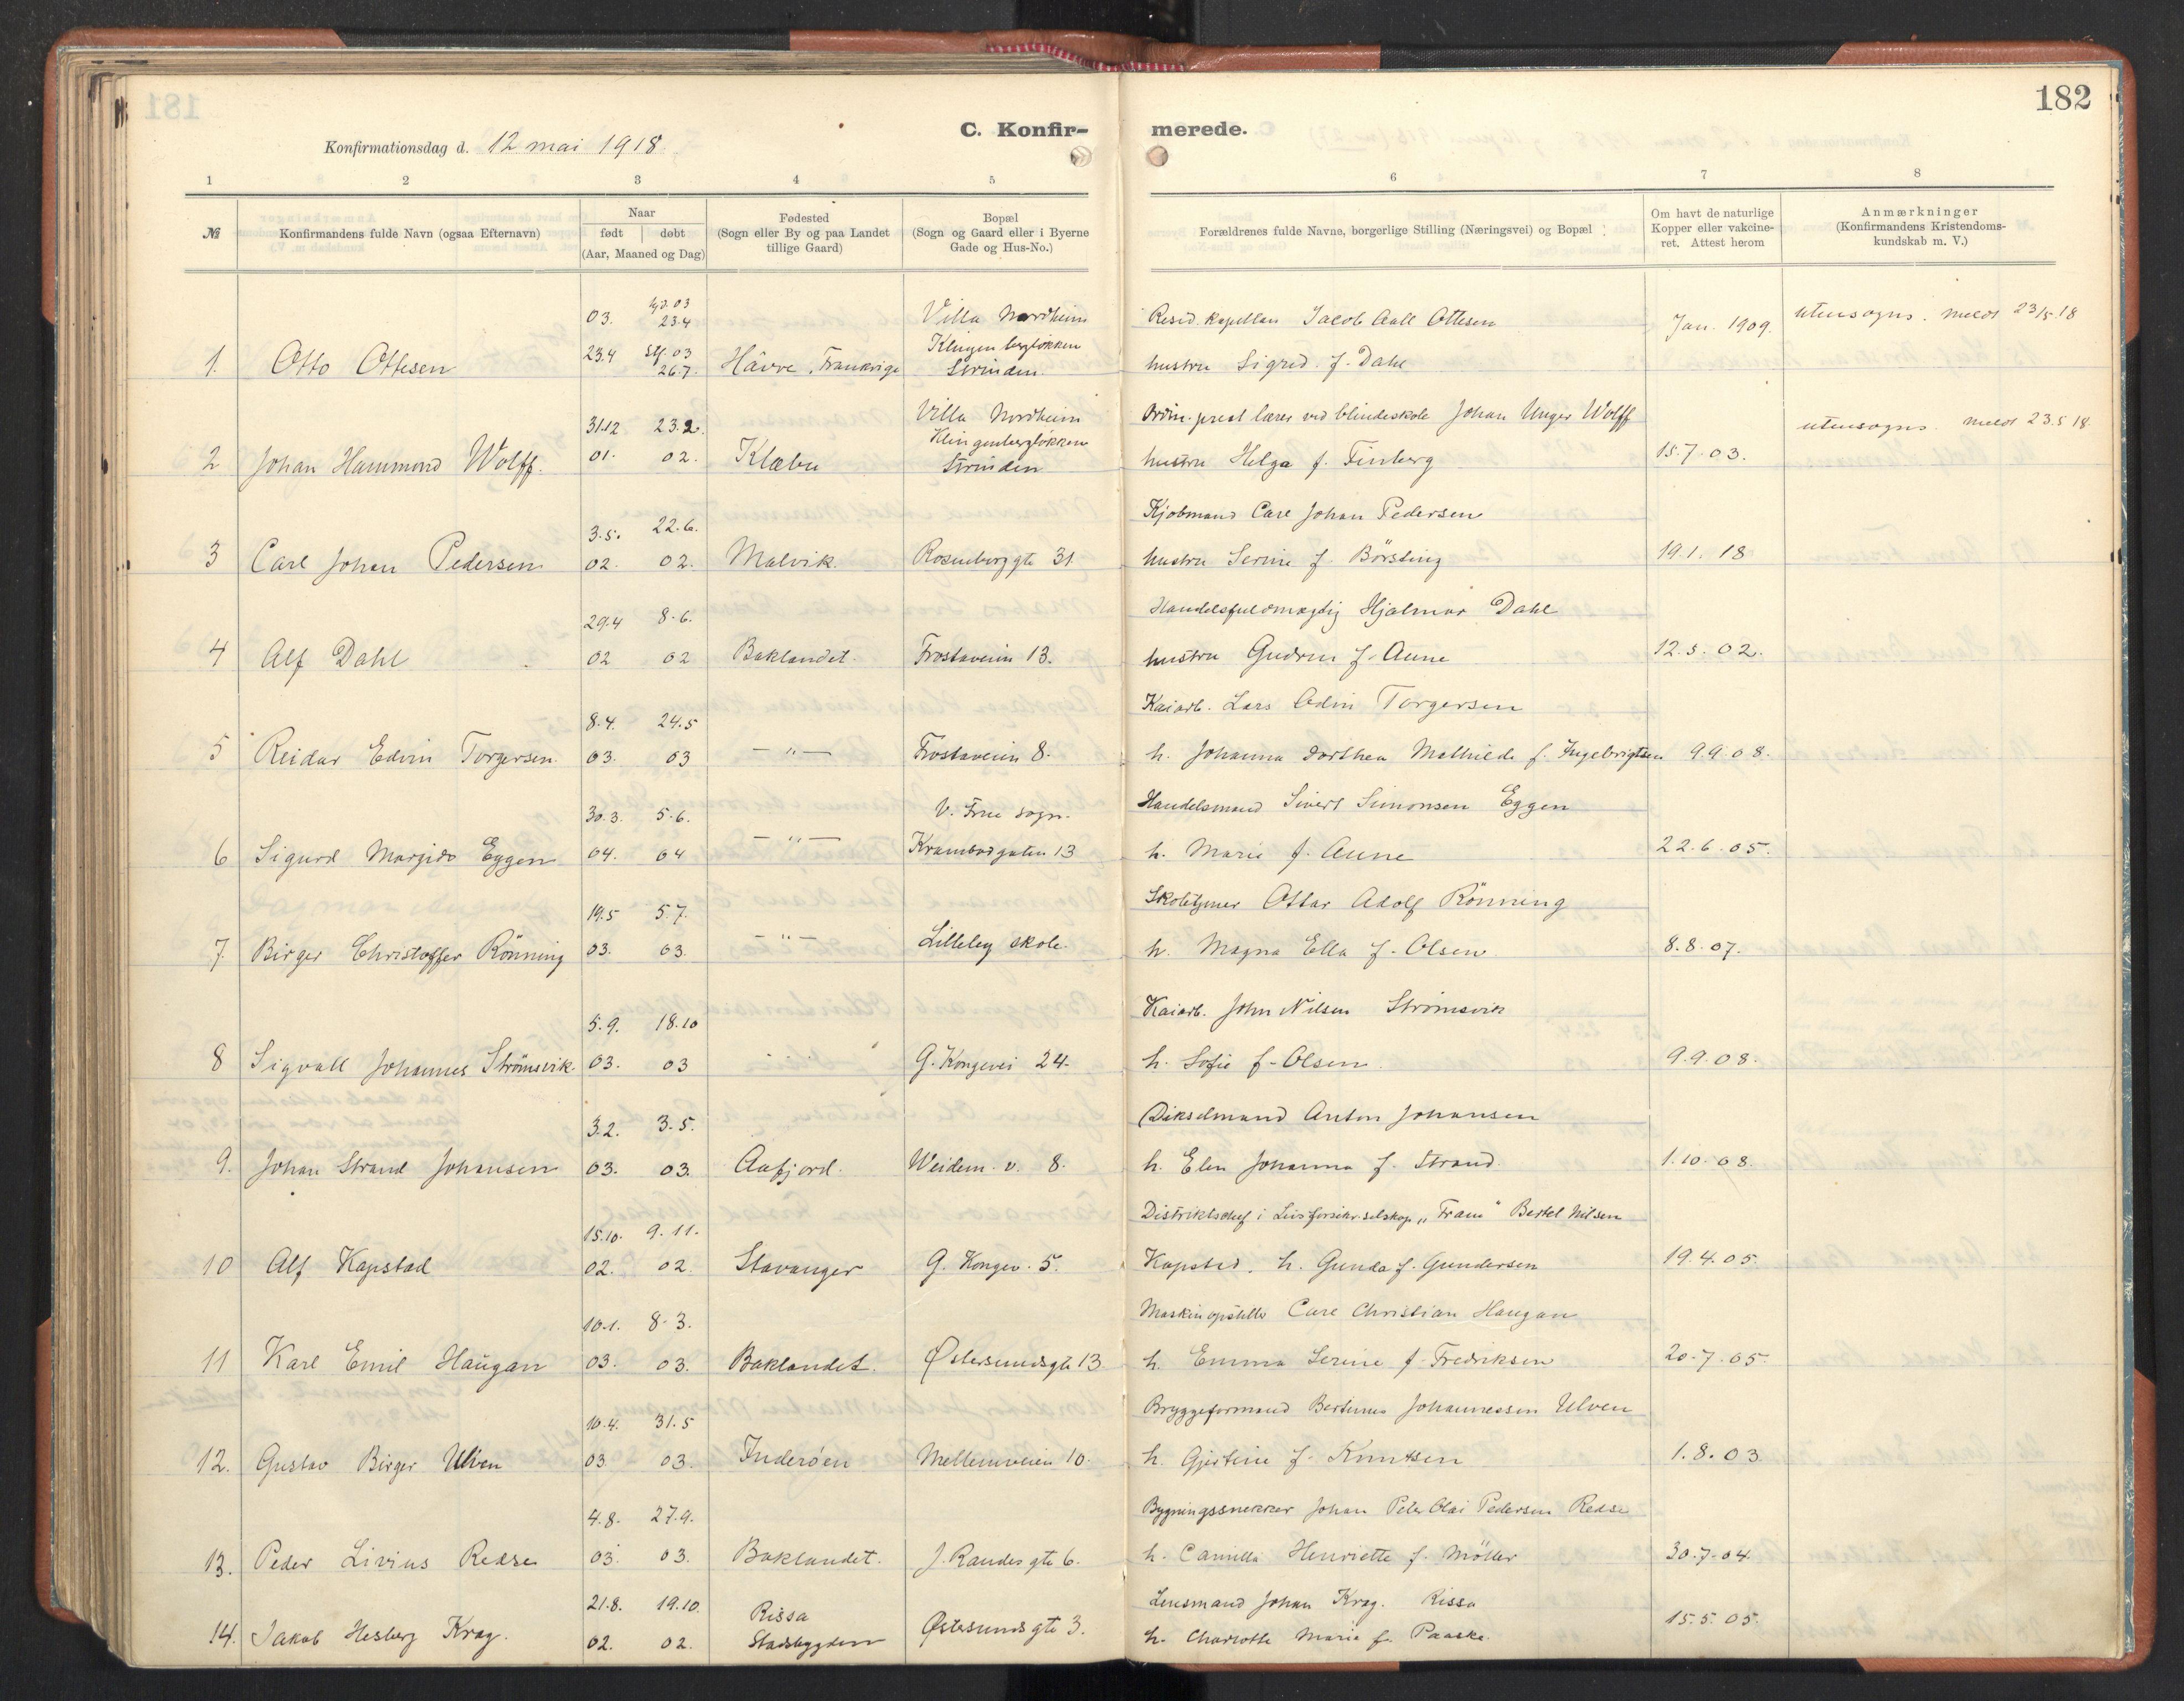 SAT, Ministerialprotokoller, klokkerbøker og fødselsregistre - Sør-Trøndelag, 605/L0246: Ministerialbok nr. 605A08, 1916-1920, s. 182